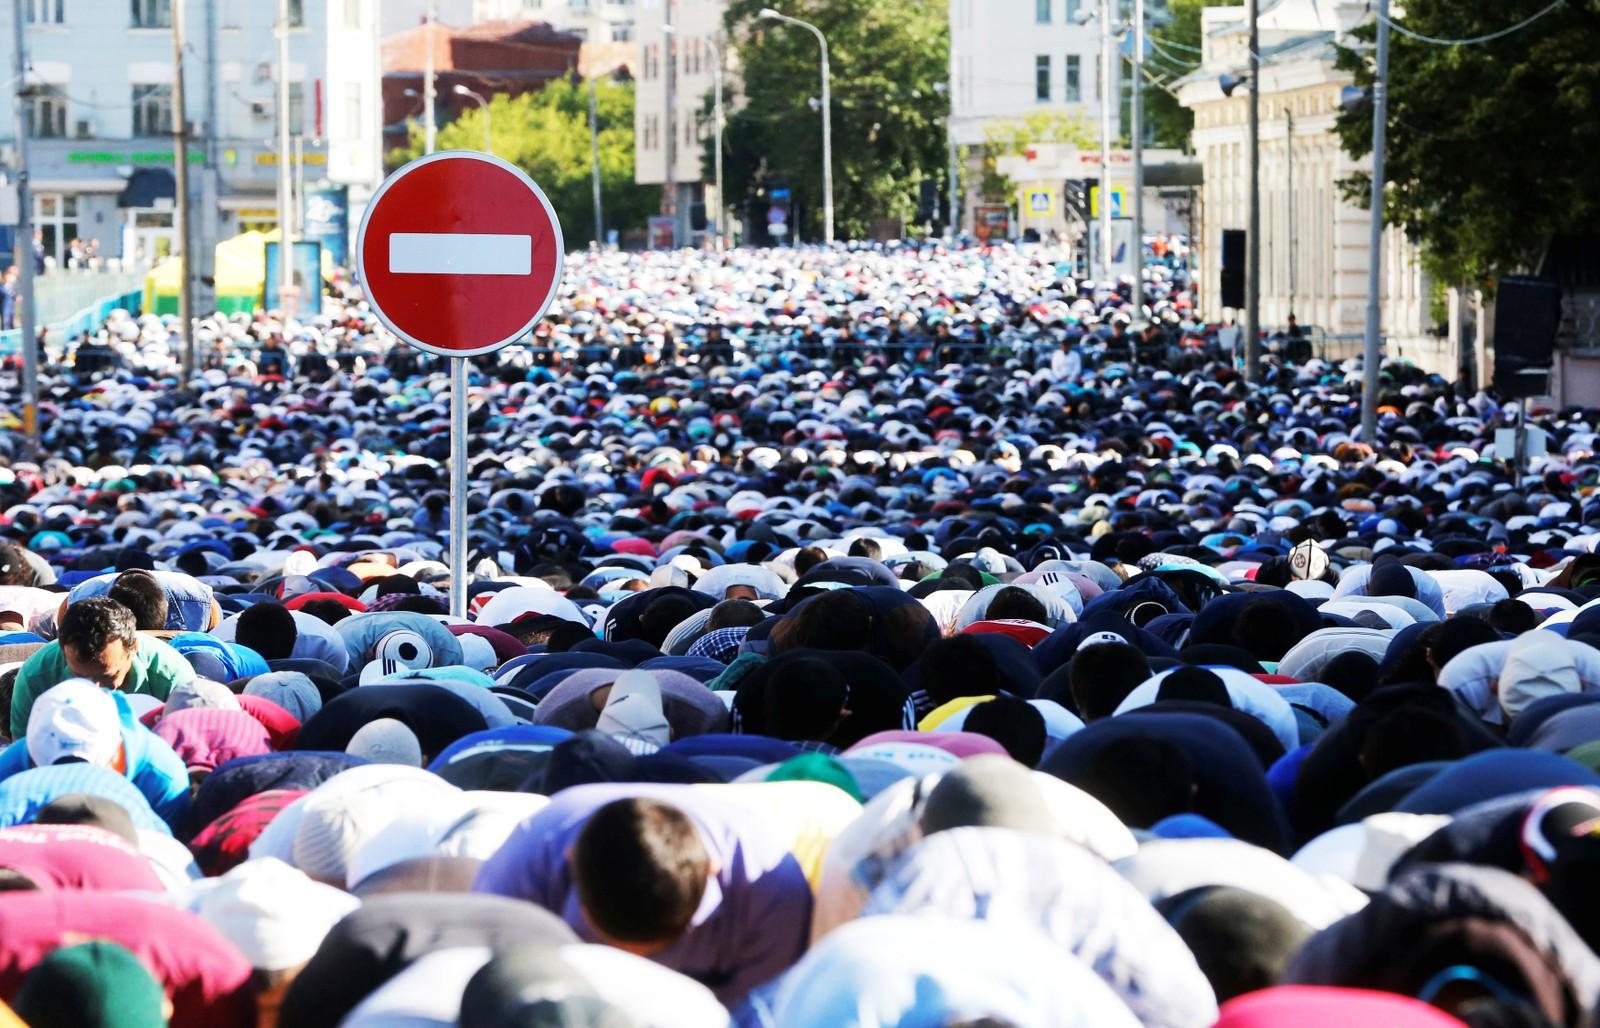 MOSKVA: Russiske muslimer markerer at fasten avsluttes i dag 5. juli og feiringen av Eid al-Fitr kan begynne.